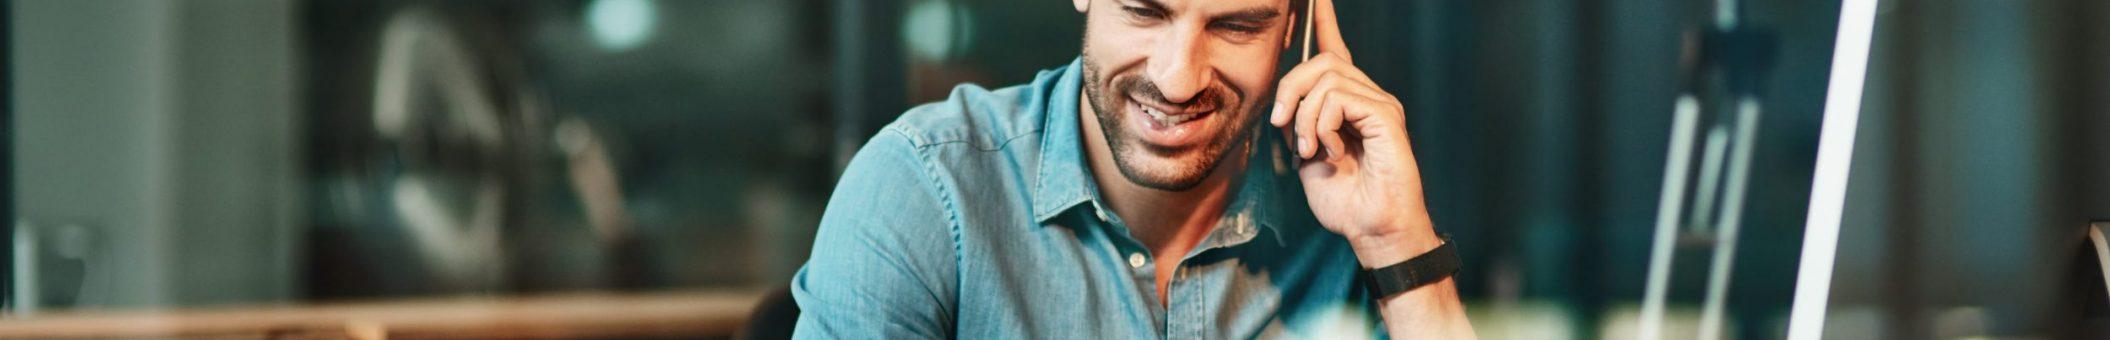 Mann mit Smartphone und Laptop im Büro während Abo-Optimierung bei Alptel